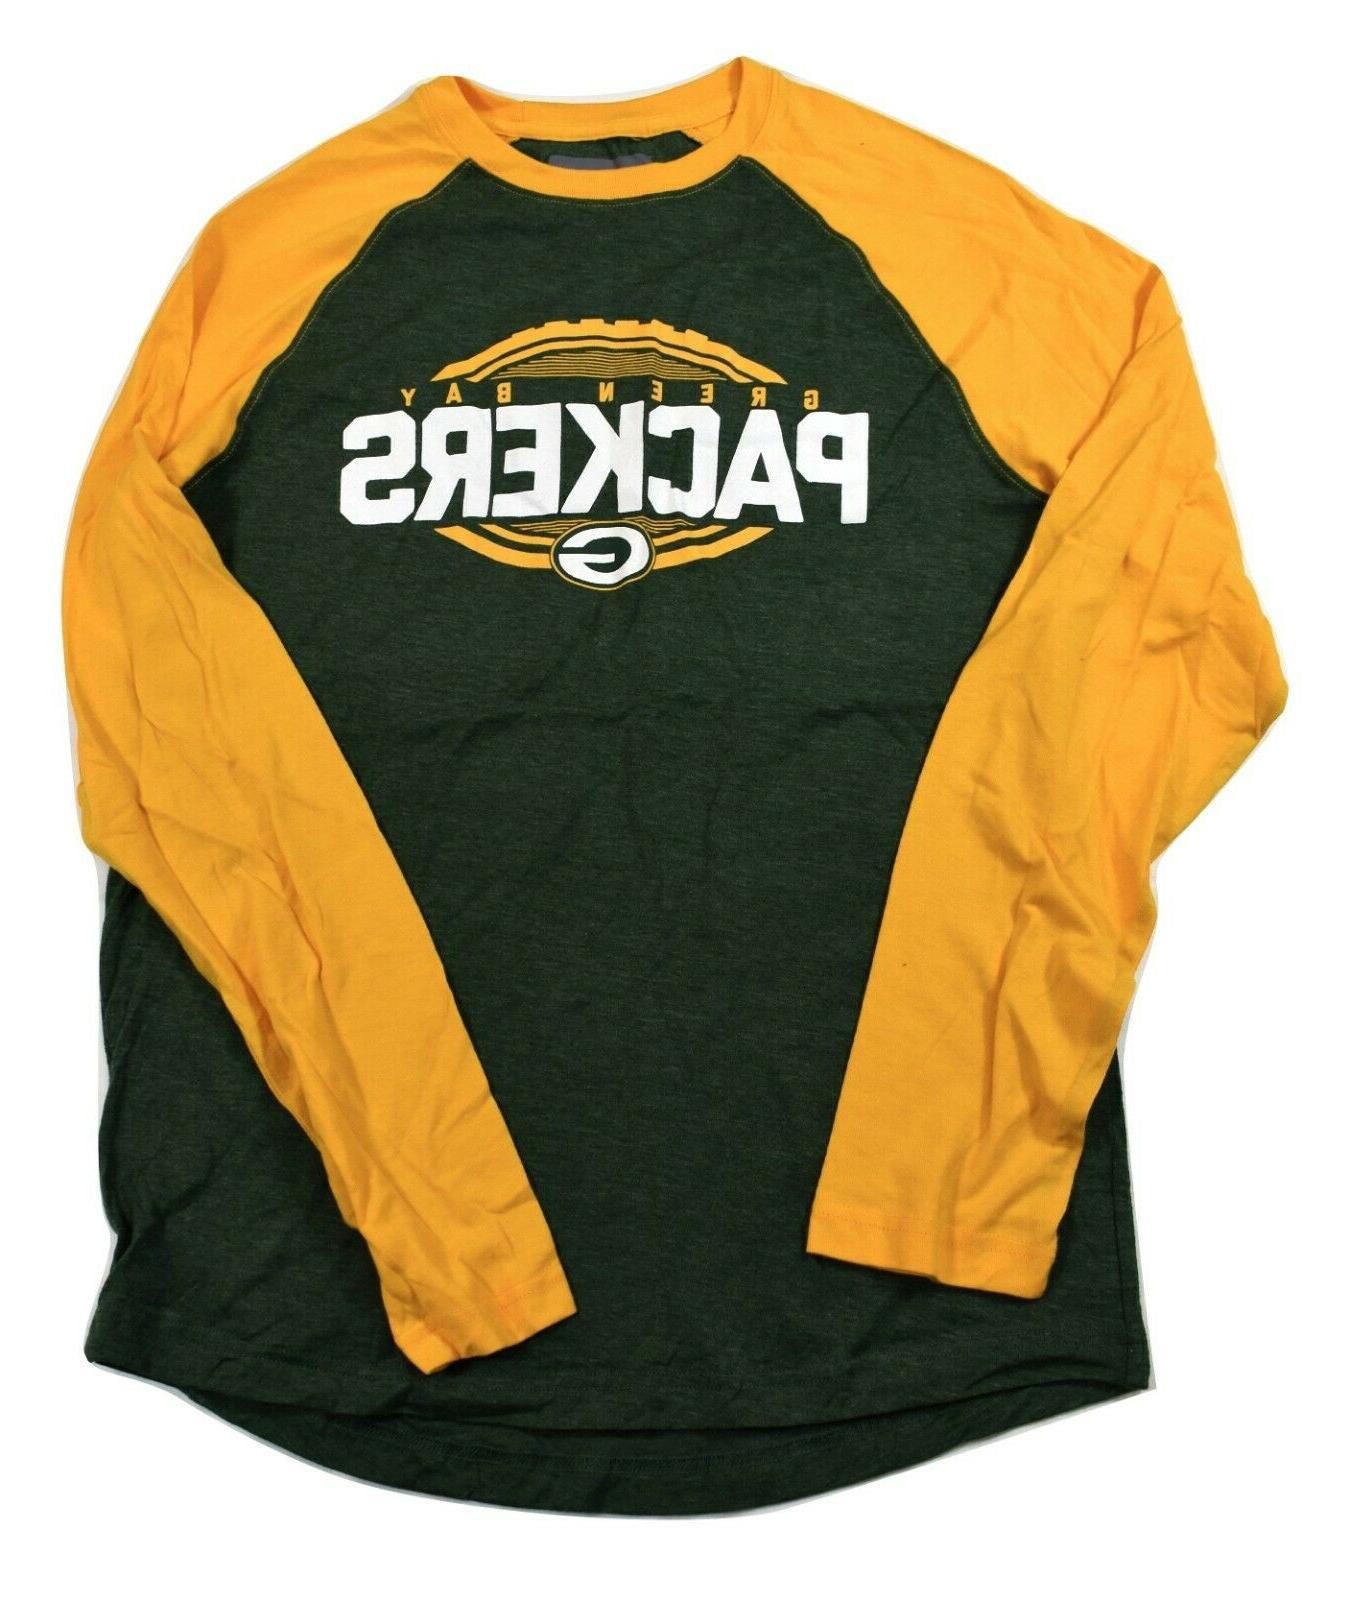 mens green bay packers football shirt new